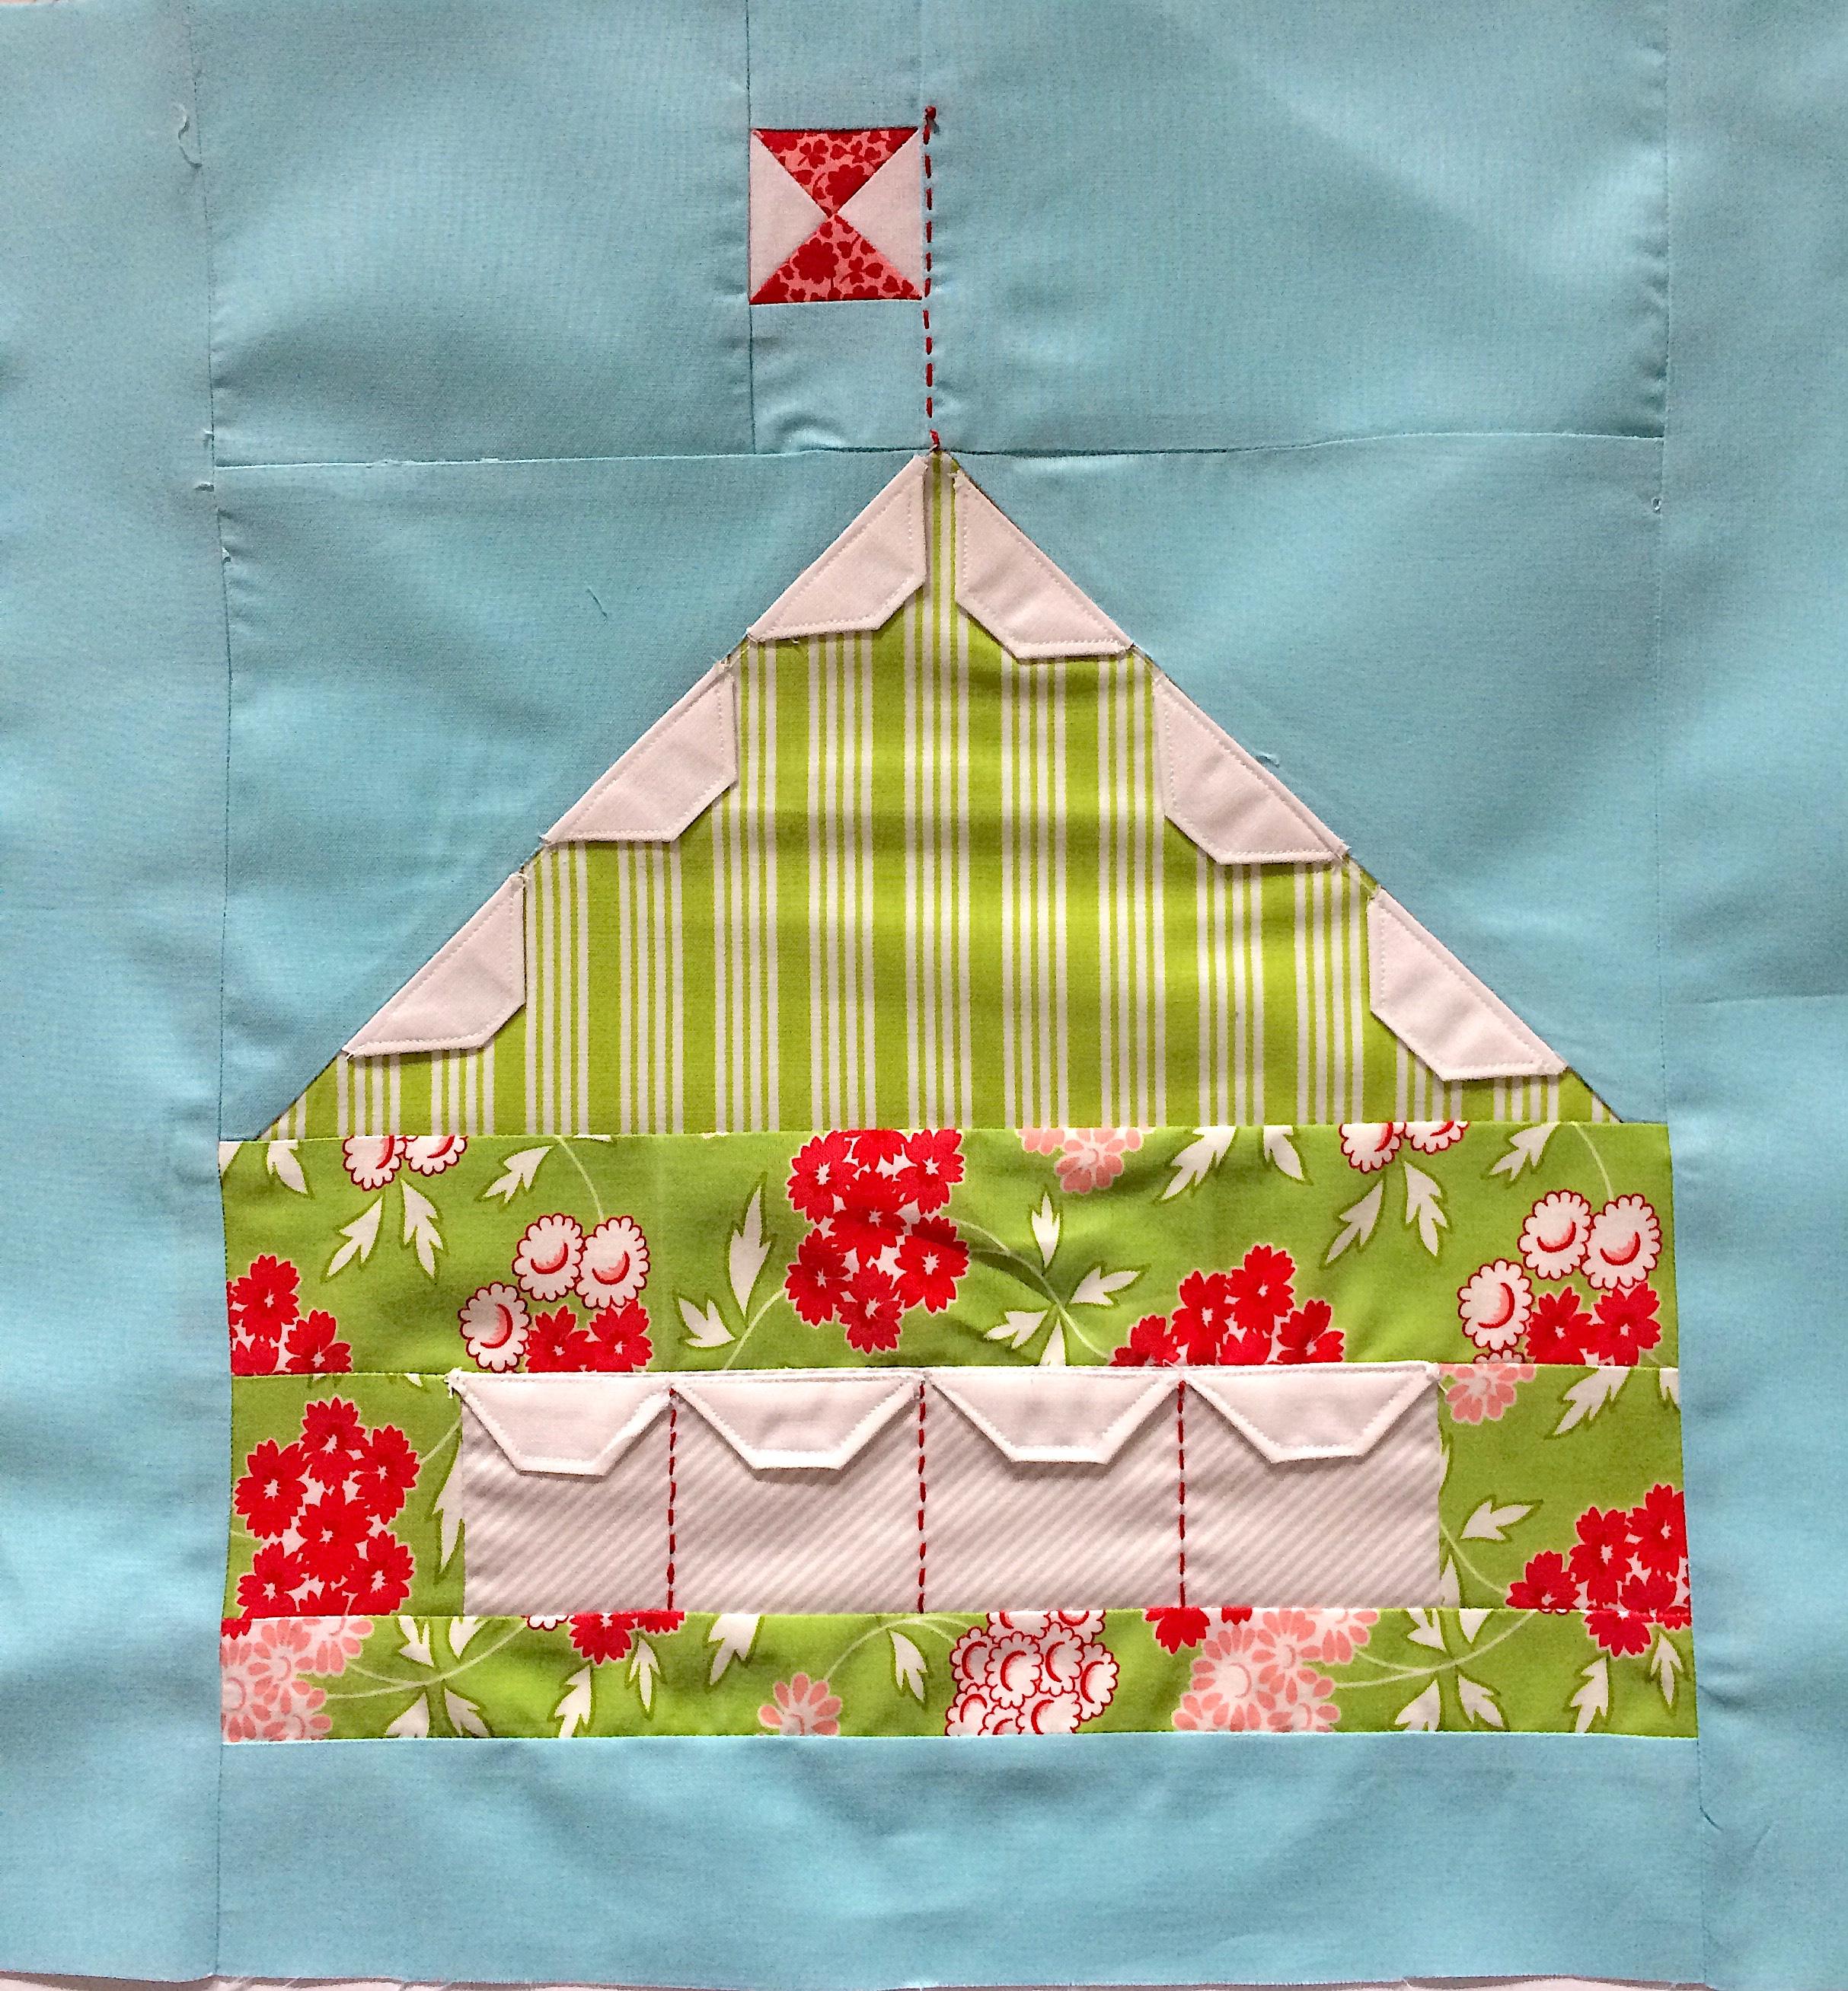 Shoreham bungalow quilt block.jpg